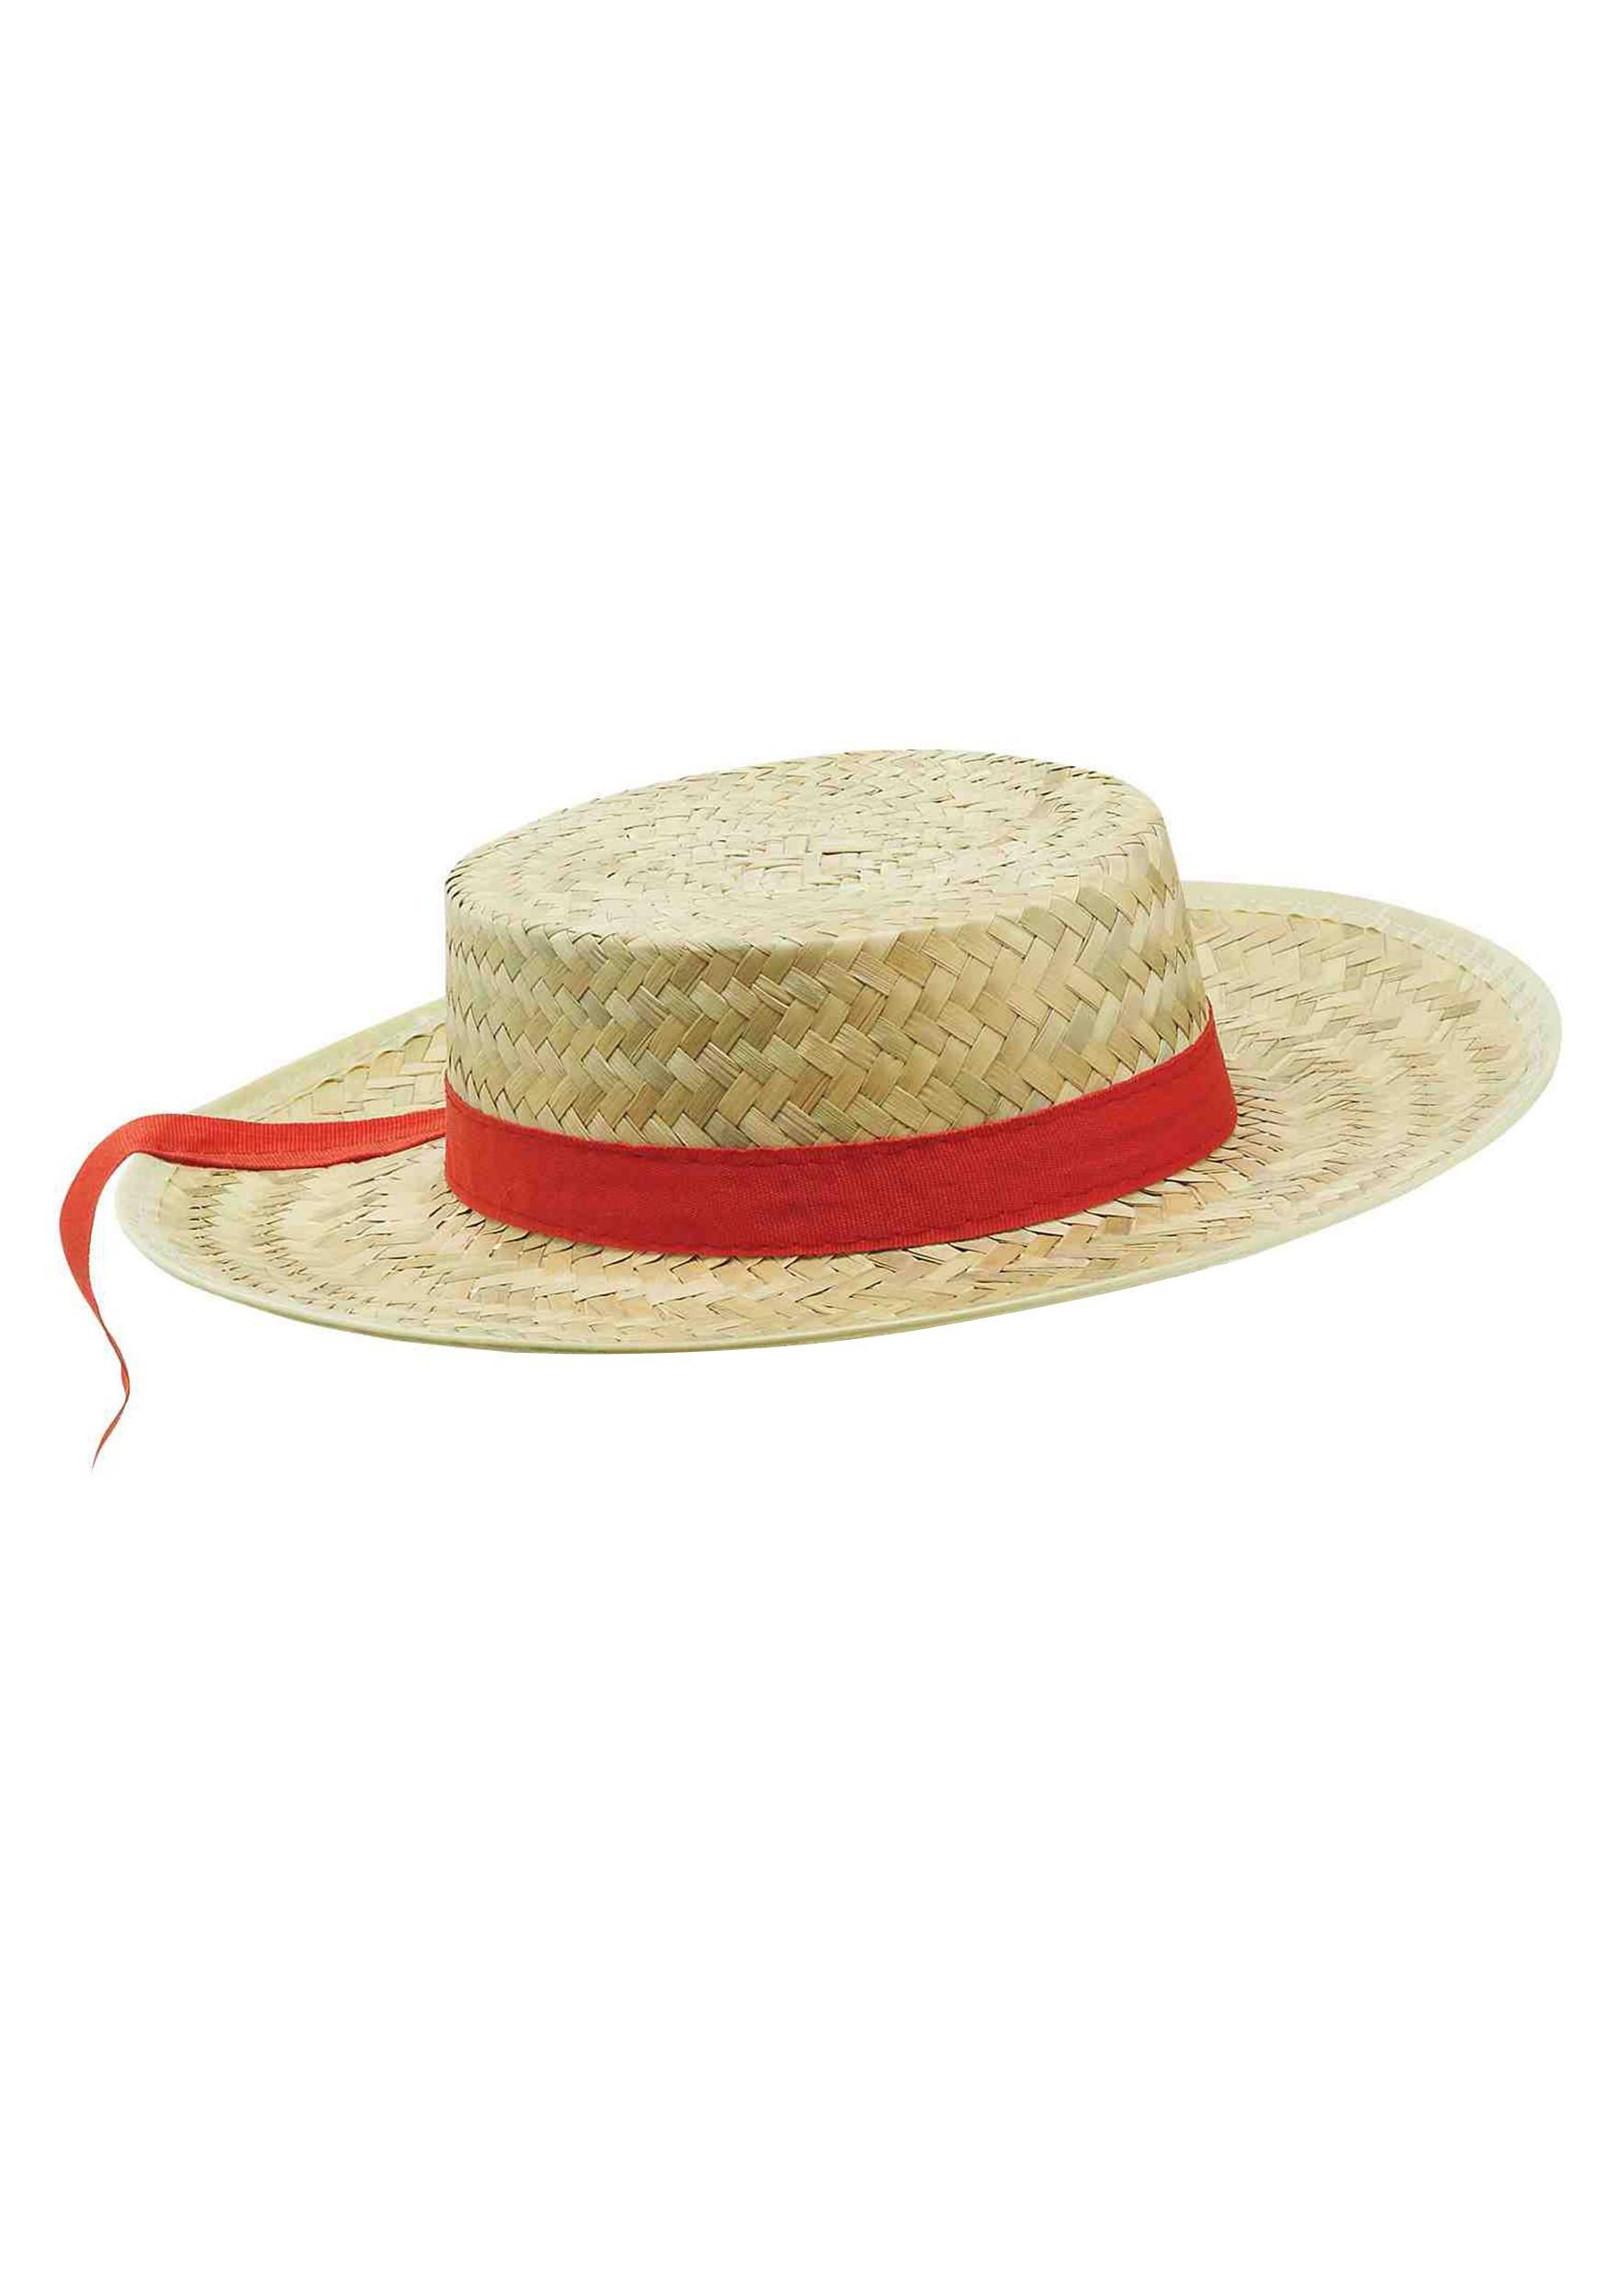 adult-straw-gondolier-hat.jpg 2a0c09377